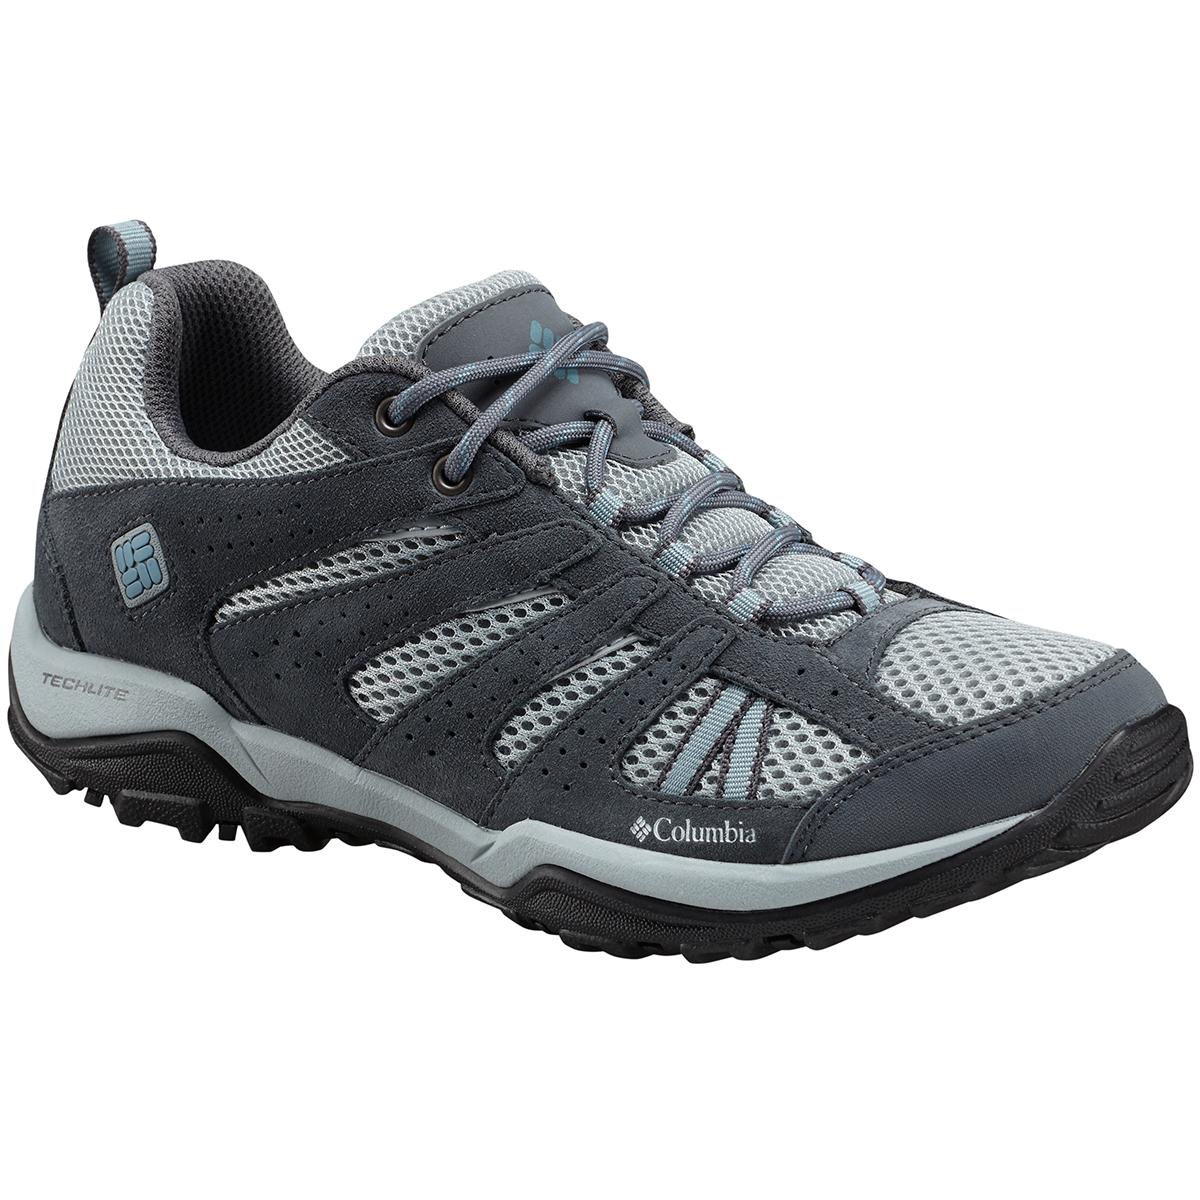 Columbia Women's Dakota Drifter Low Hiking Shoes - Black, 6.5